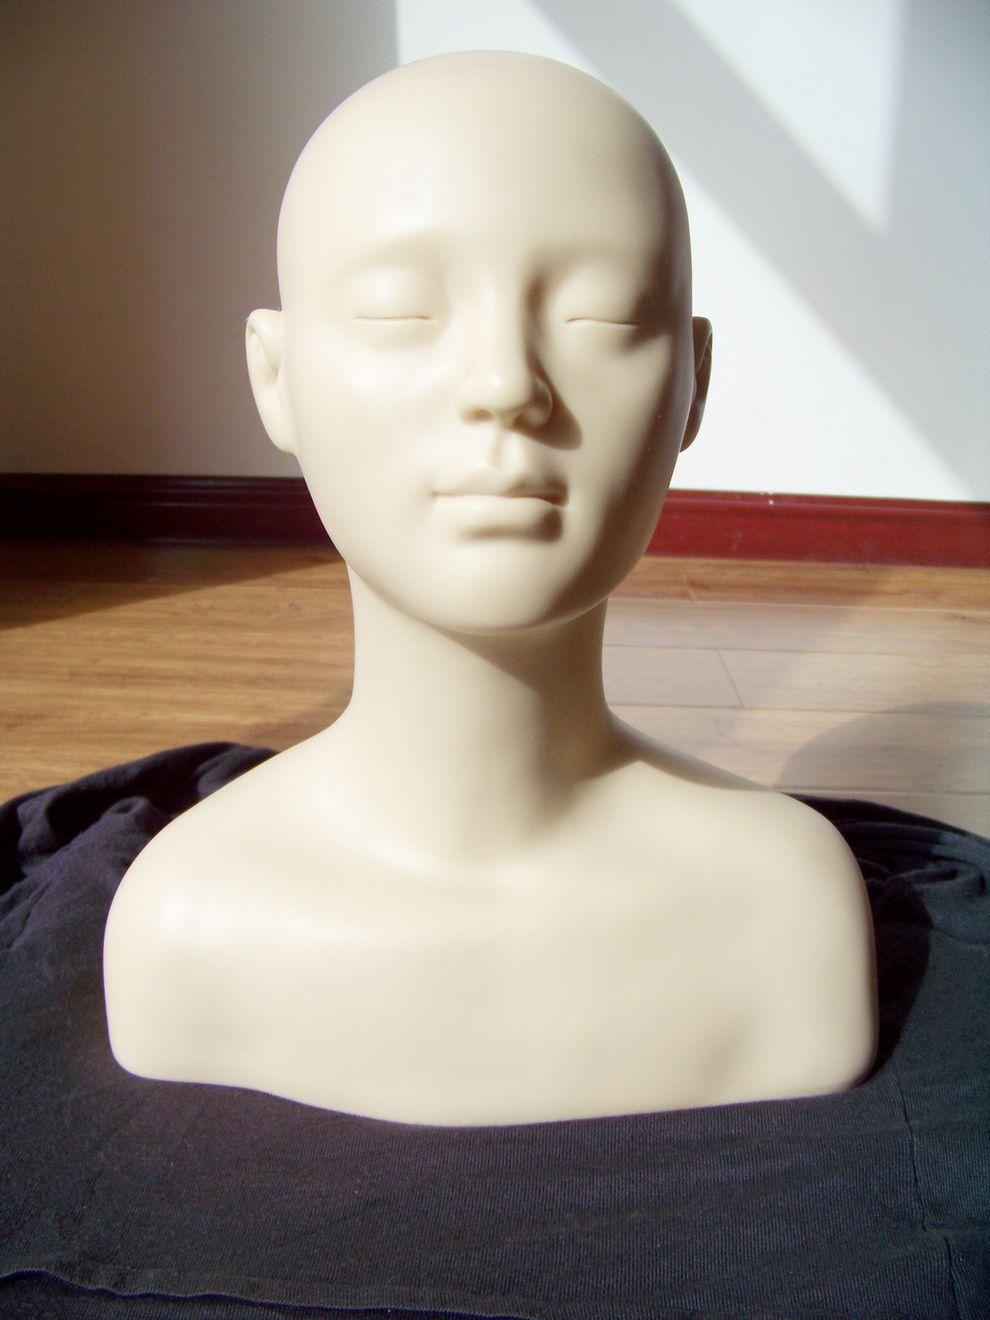 Nieuwe Kom Vrouwen Massage Zachte Balsamtraining Mannequin Hoofd Praktijk Make Up Wimpers Wimpers Extensions